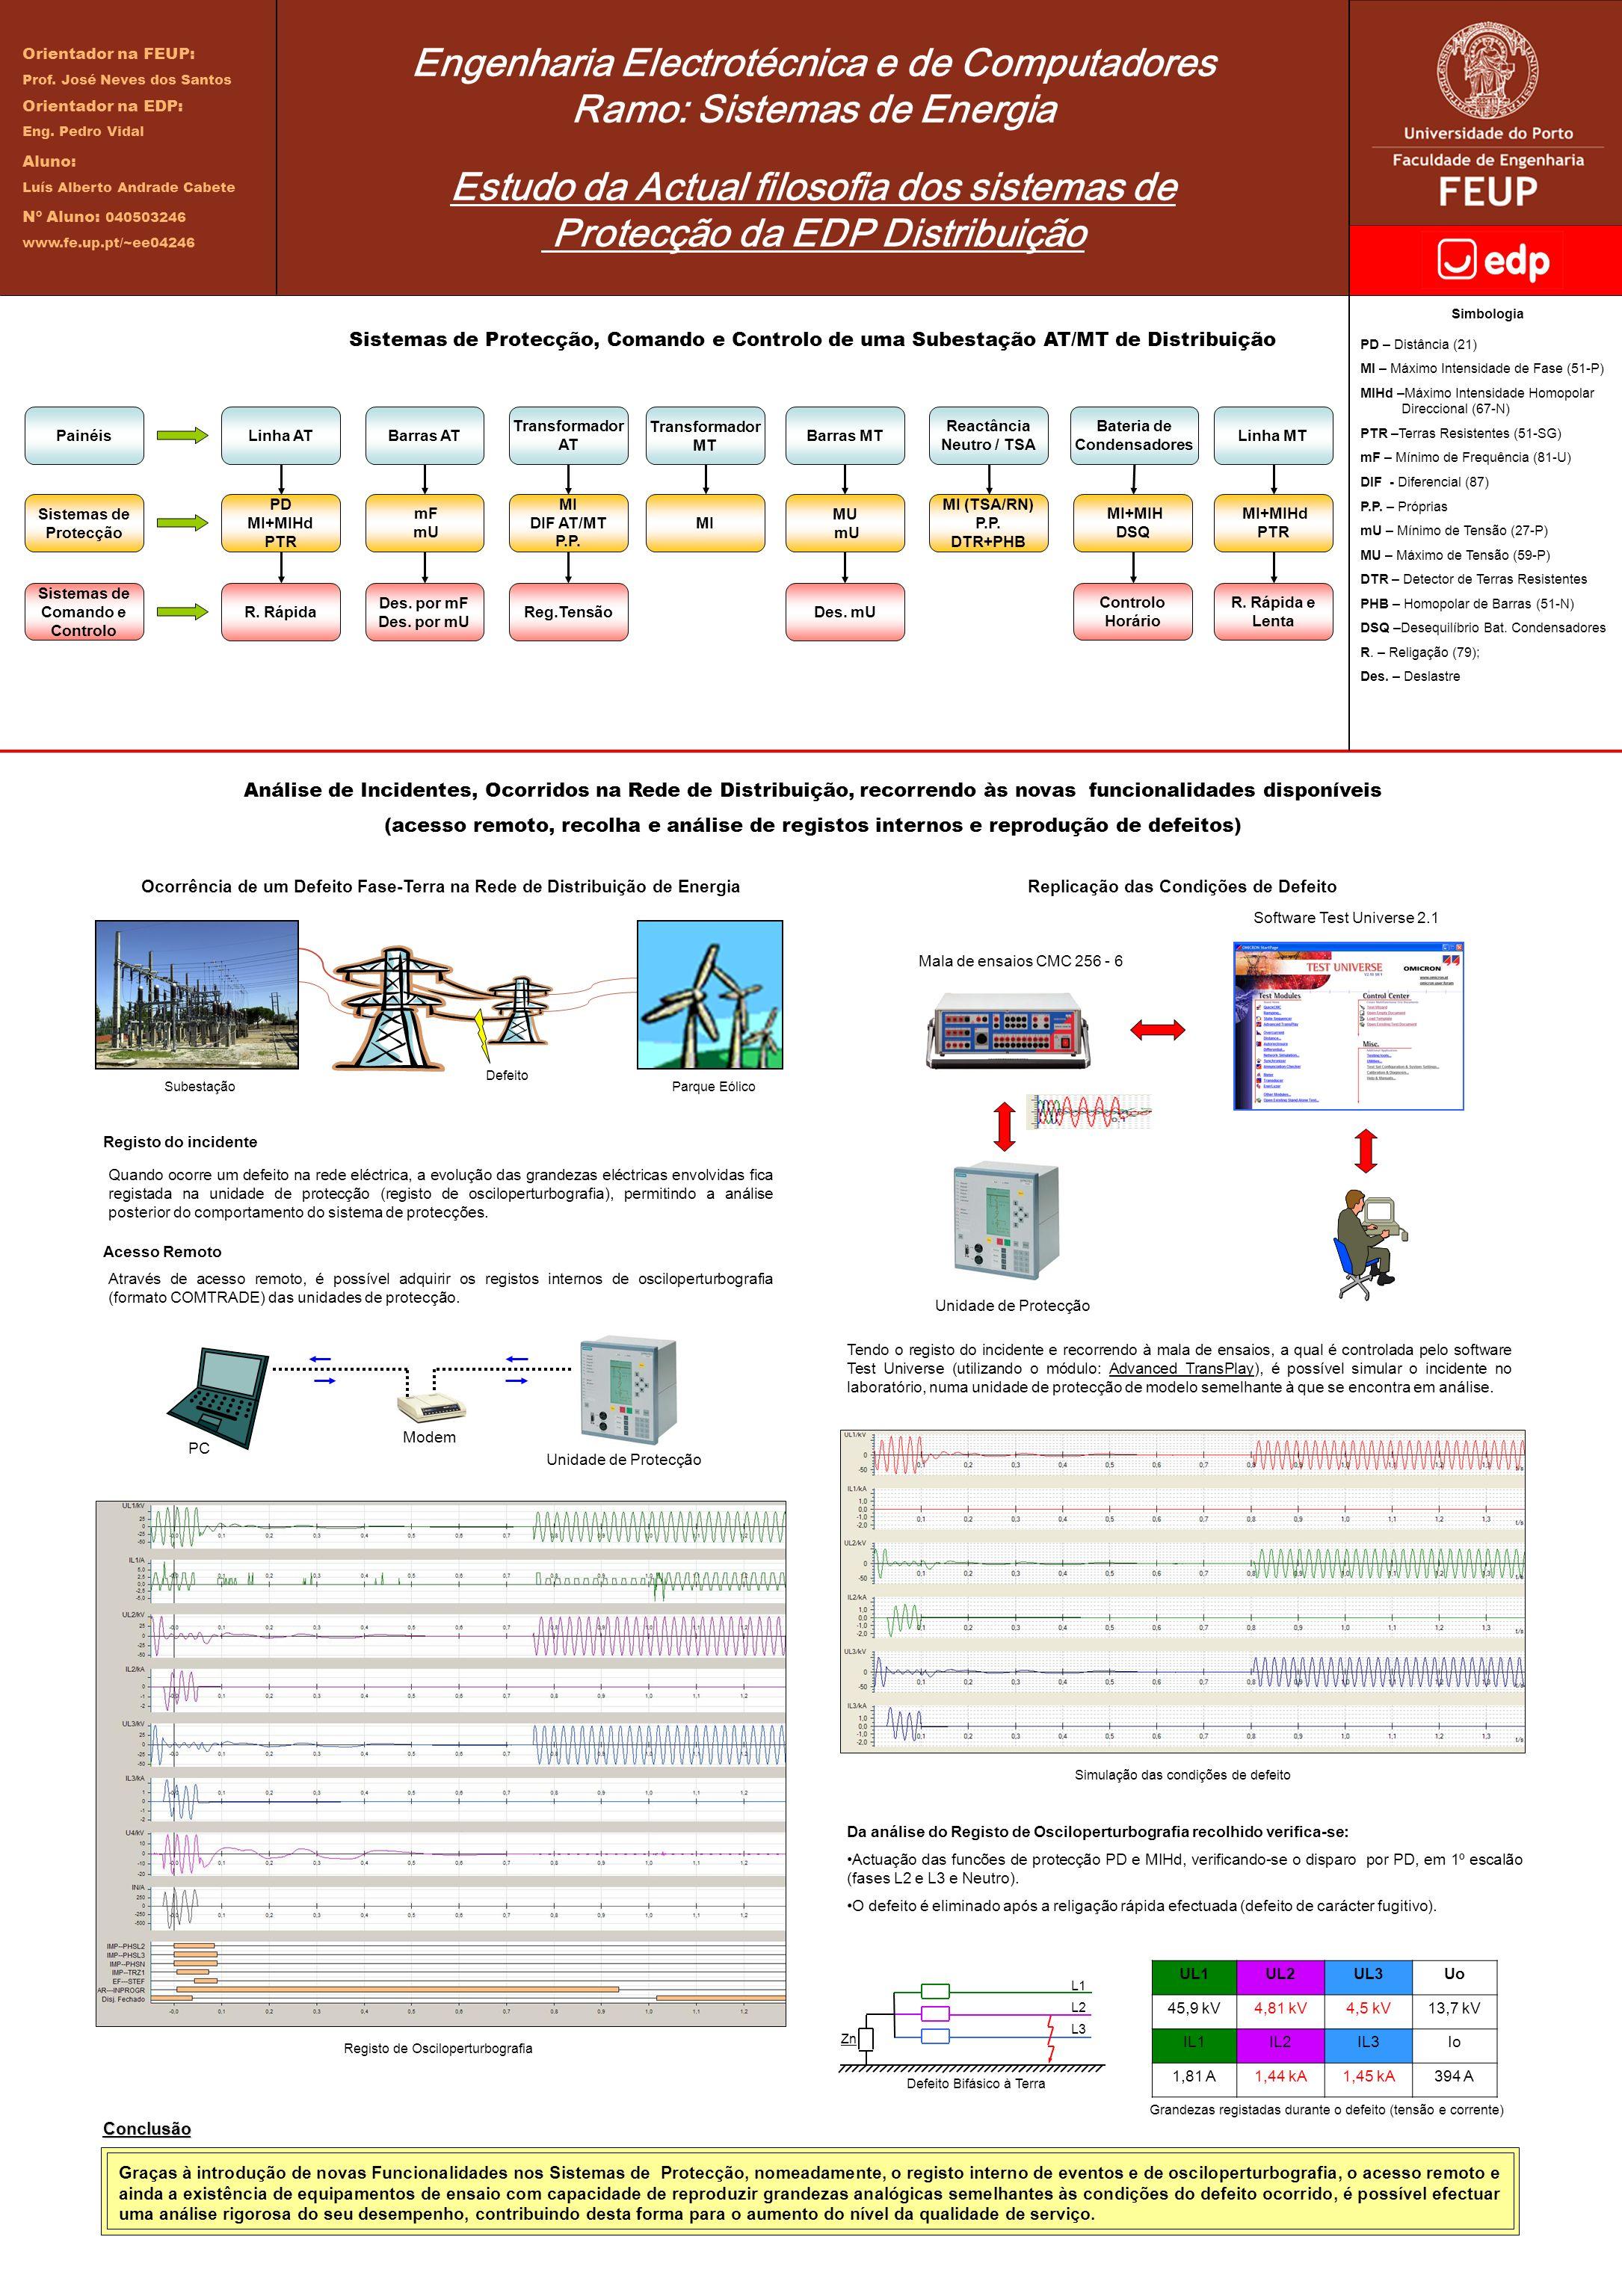 Engenharia Electrotécnica e de Computadores Ramo: Sistemas de Energia Estudo da Actual filosofia dos sistemas de Protecção da EDP Distribuição Sistema